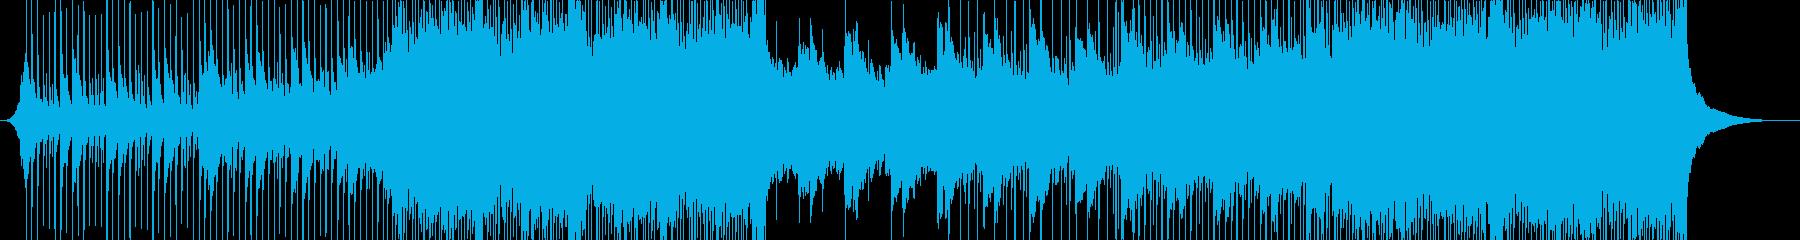 インディーズ ロック ポップ コー...の再生済みの波形